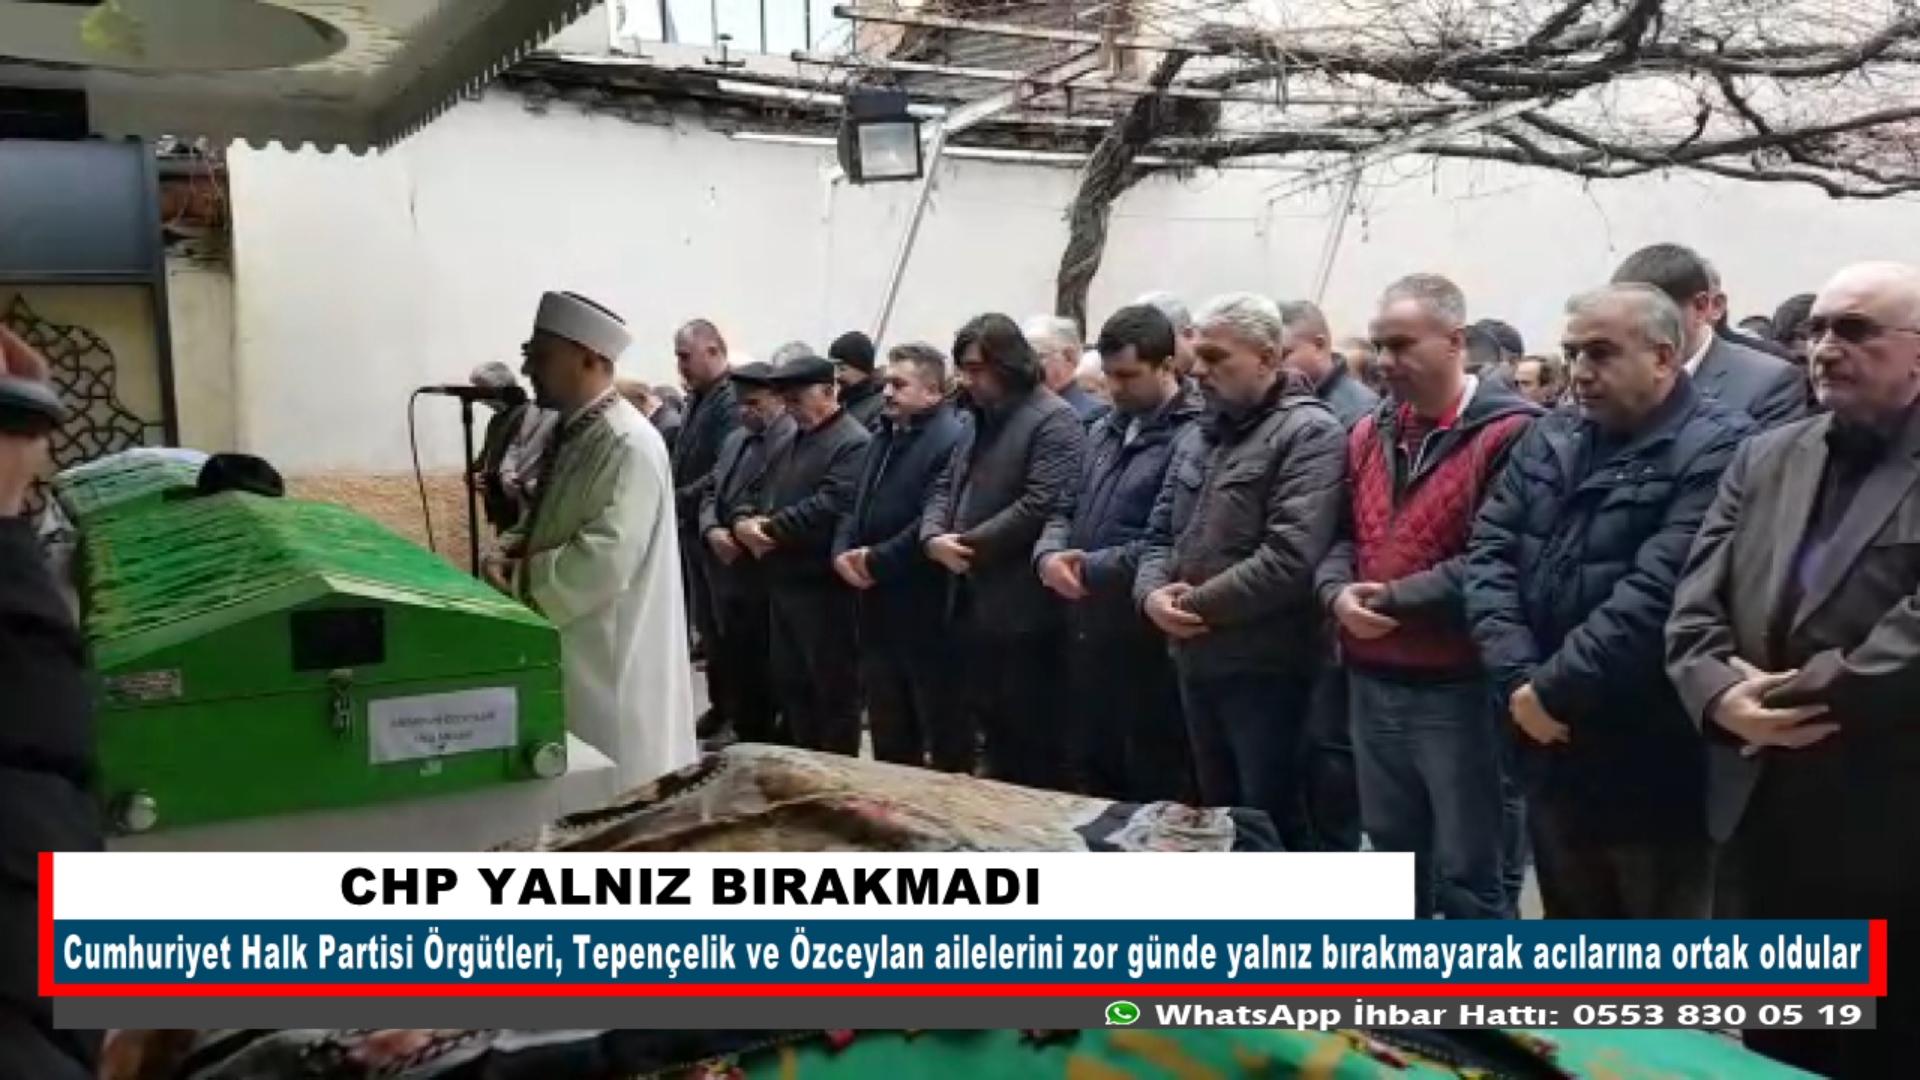 CHP YALNIZ BIRAKMADI